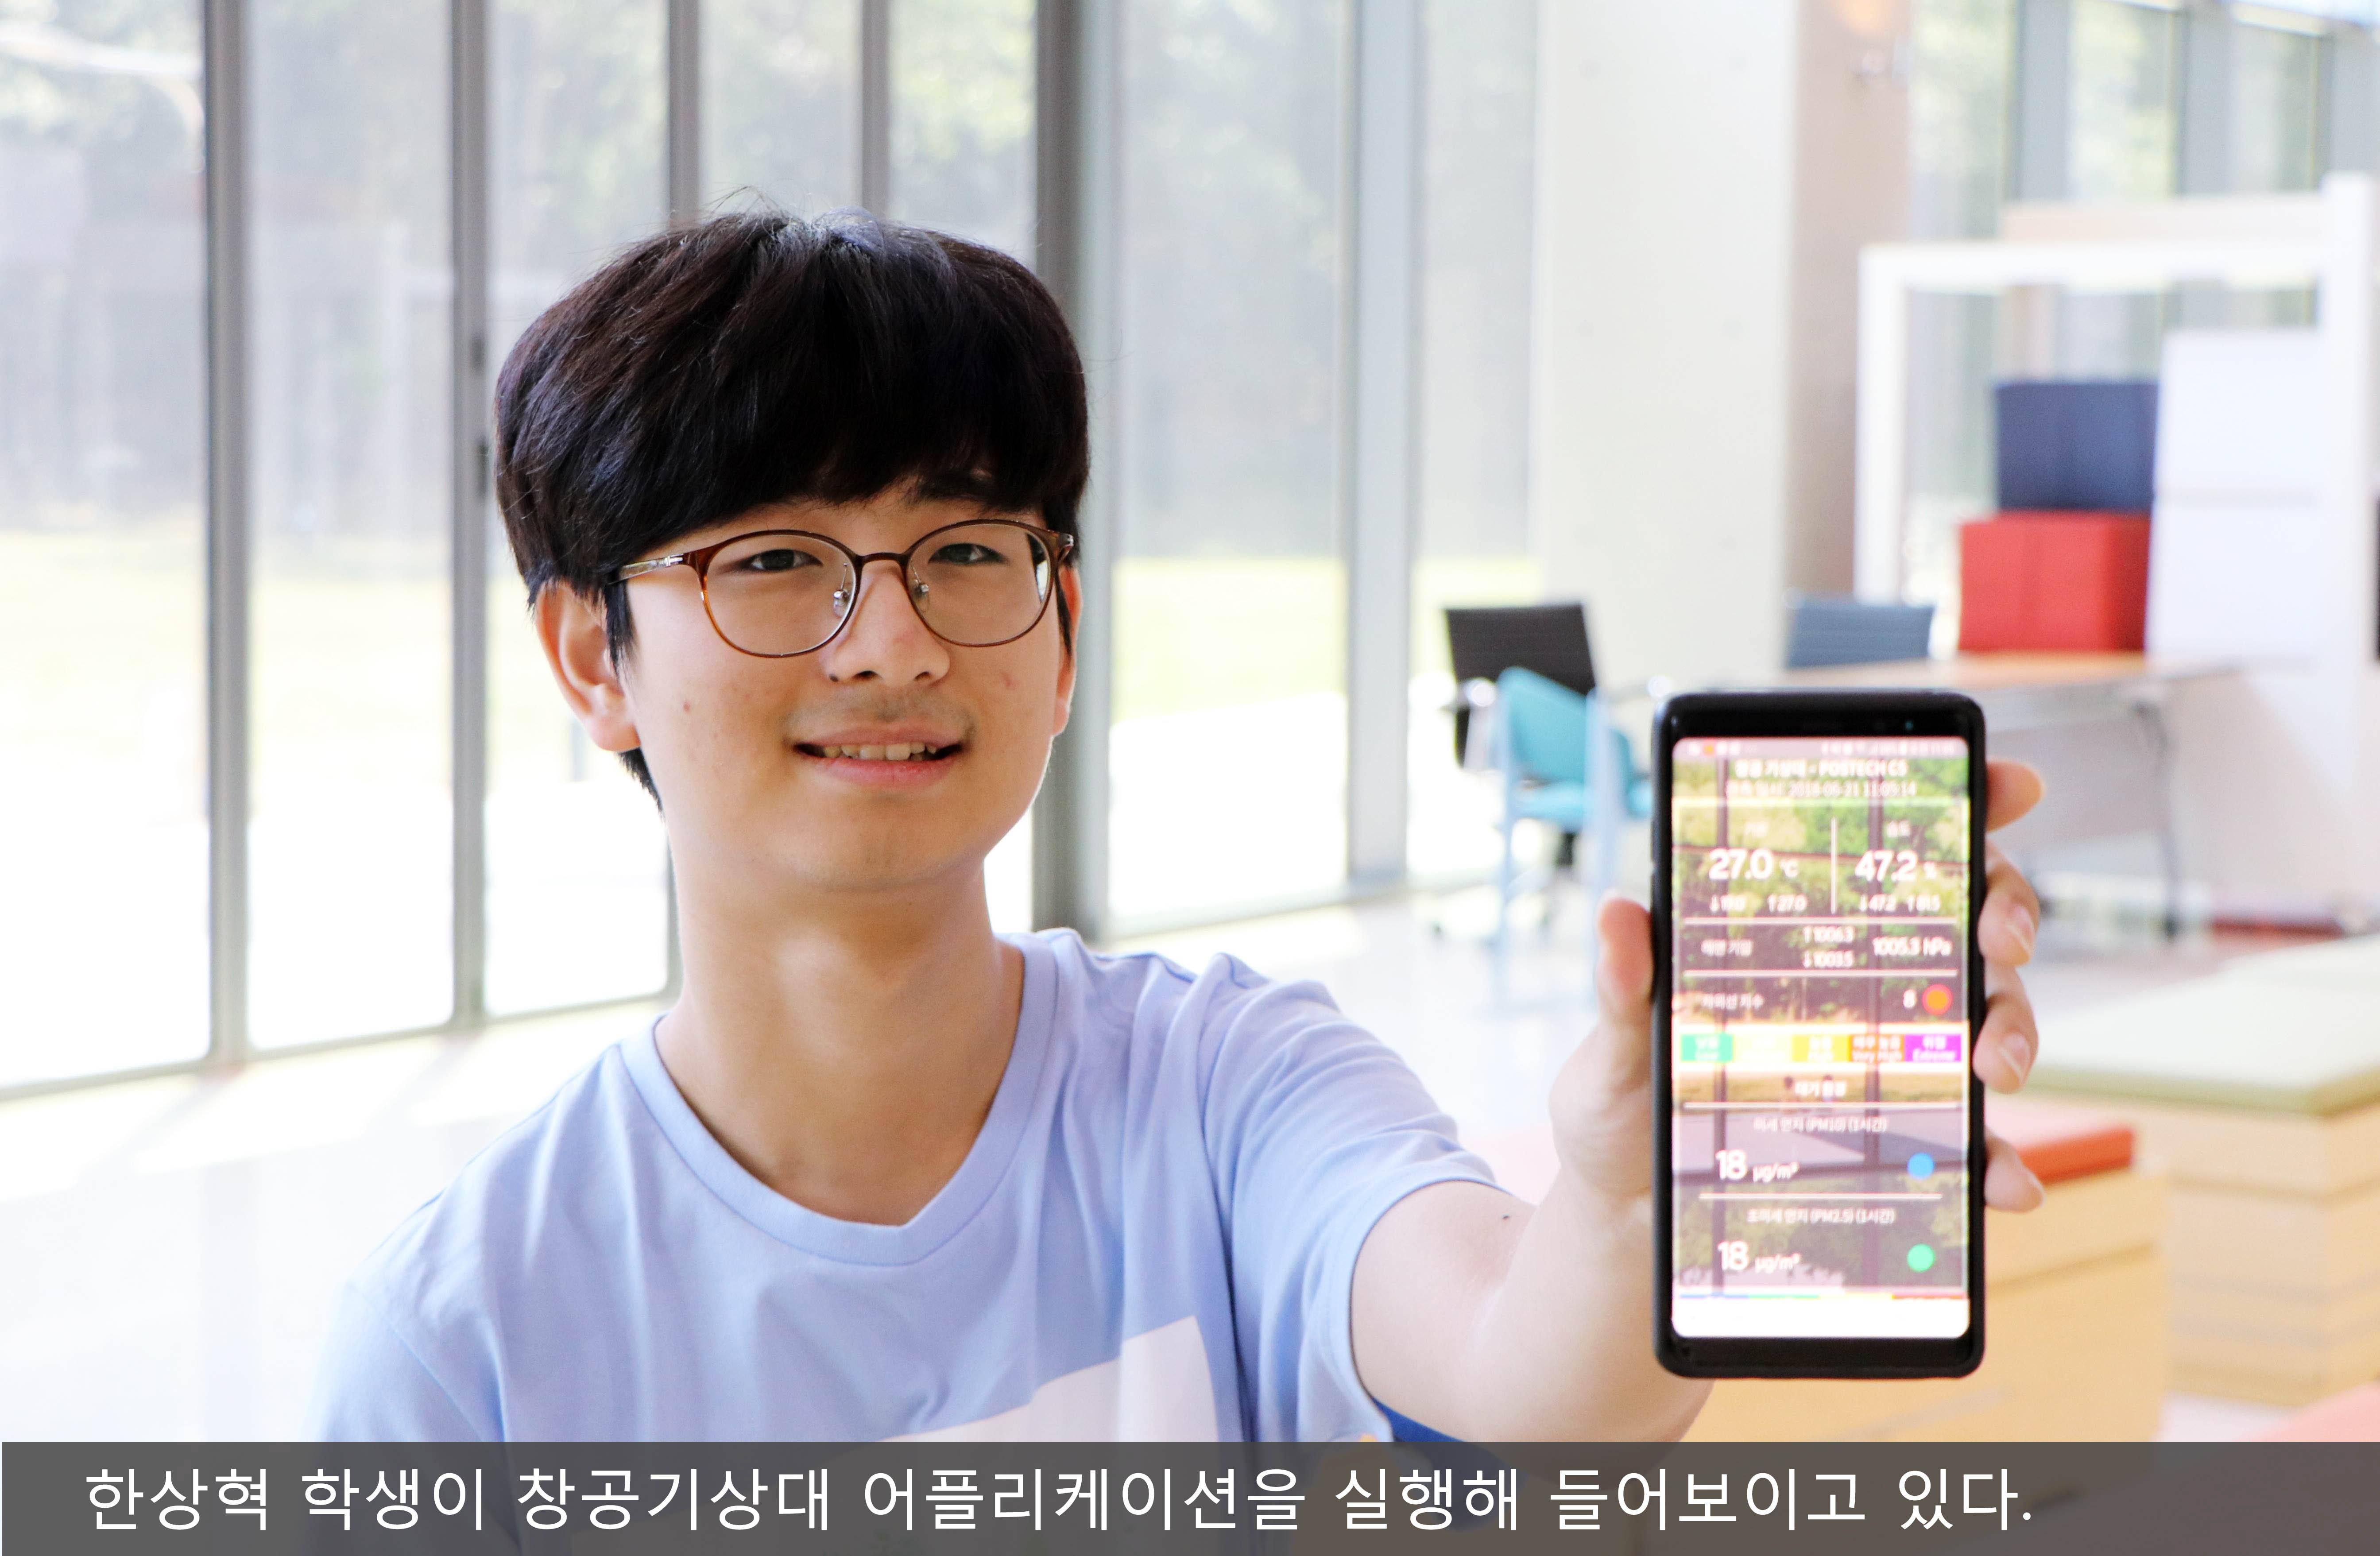 한상혁 학생이 창공기상대 어플리케이션을 실행해 들어보이고 있다.